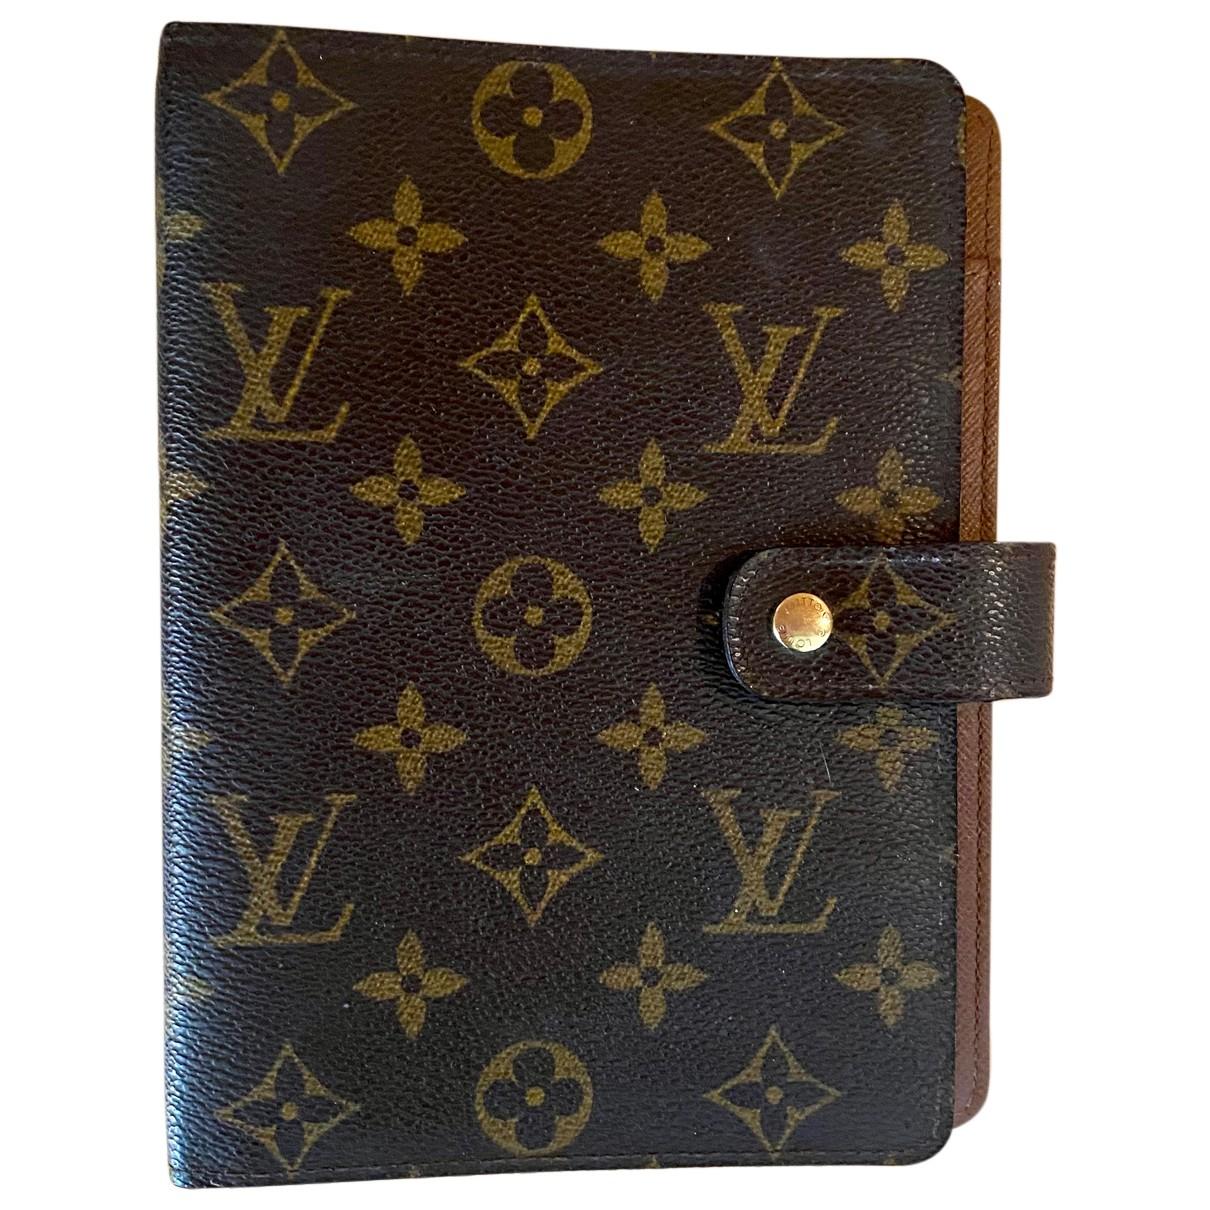 Louis Vuitton - Petite maroquinerie   pour femme en autre - marron